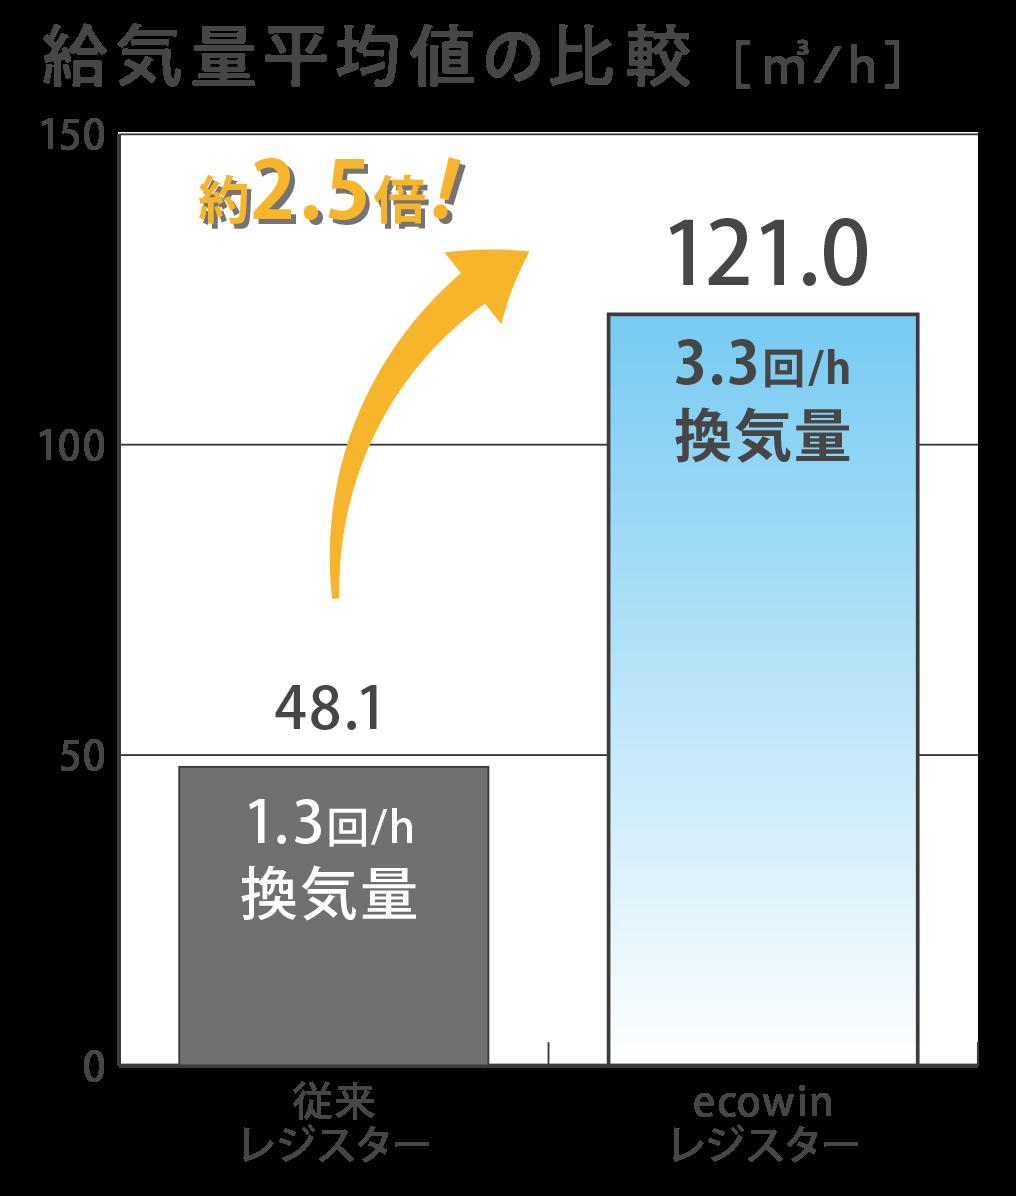 給気量平均値の比較画像